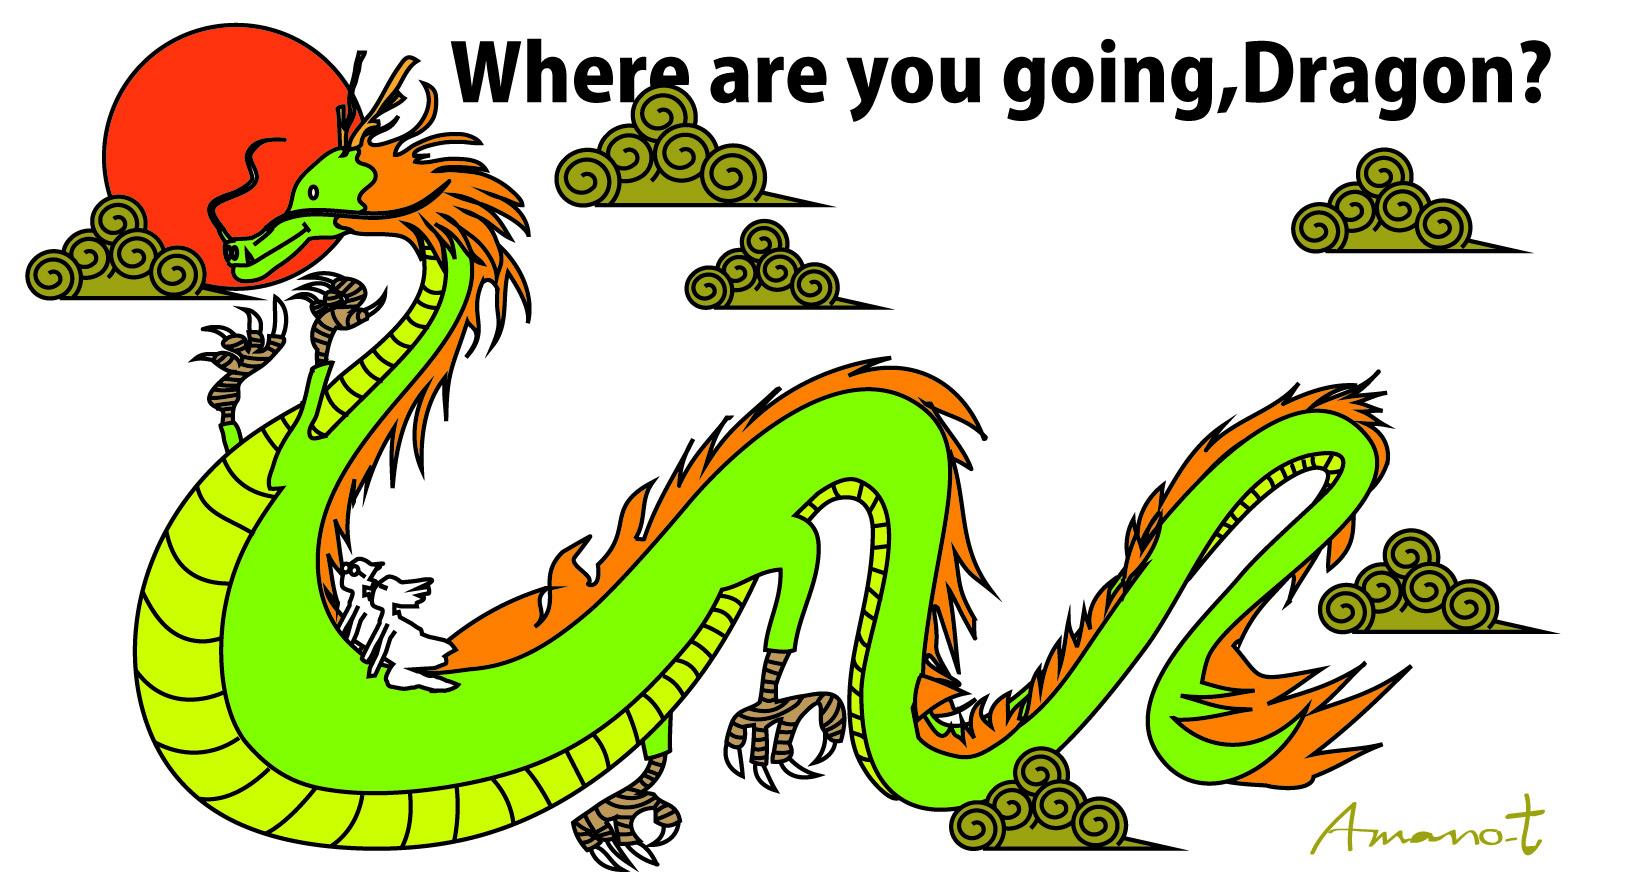 ドラゴンは何処へゆく